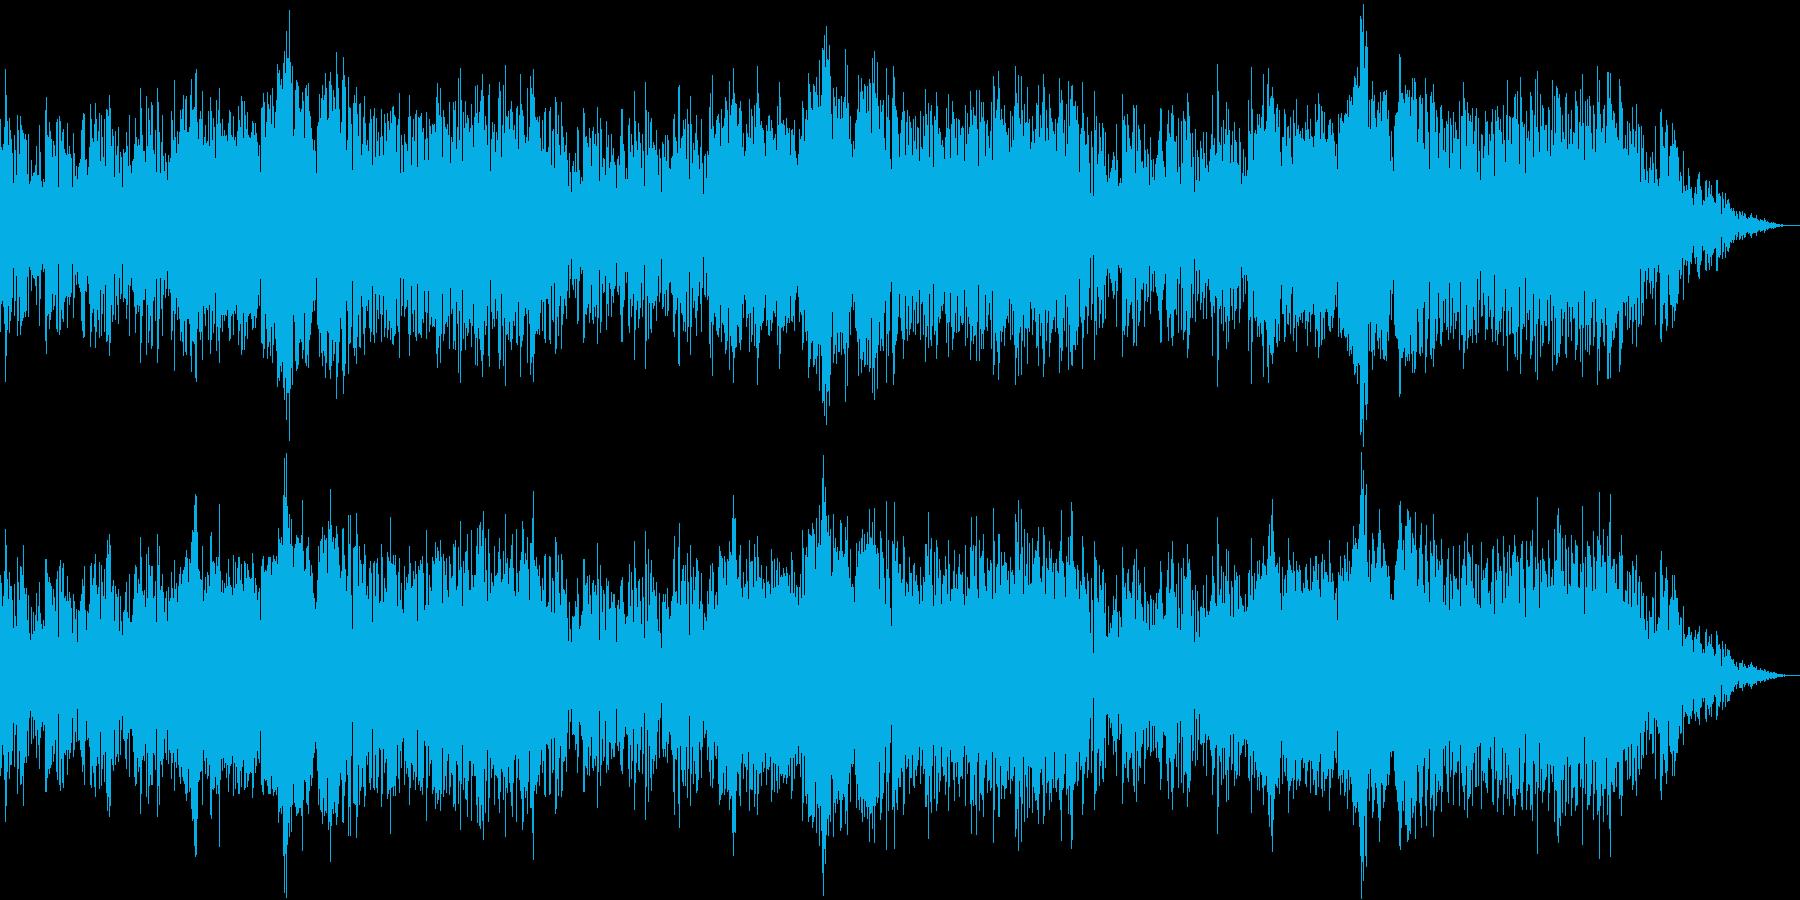 明るくて楽しいアミューズメント系BGMの再生済みの波形